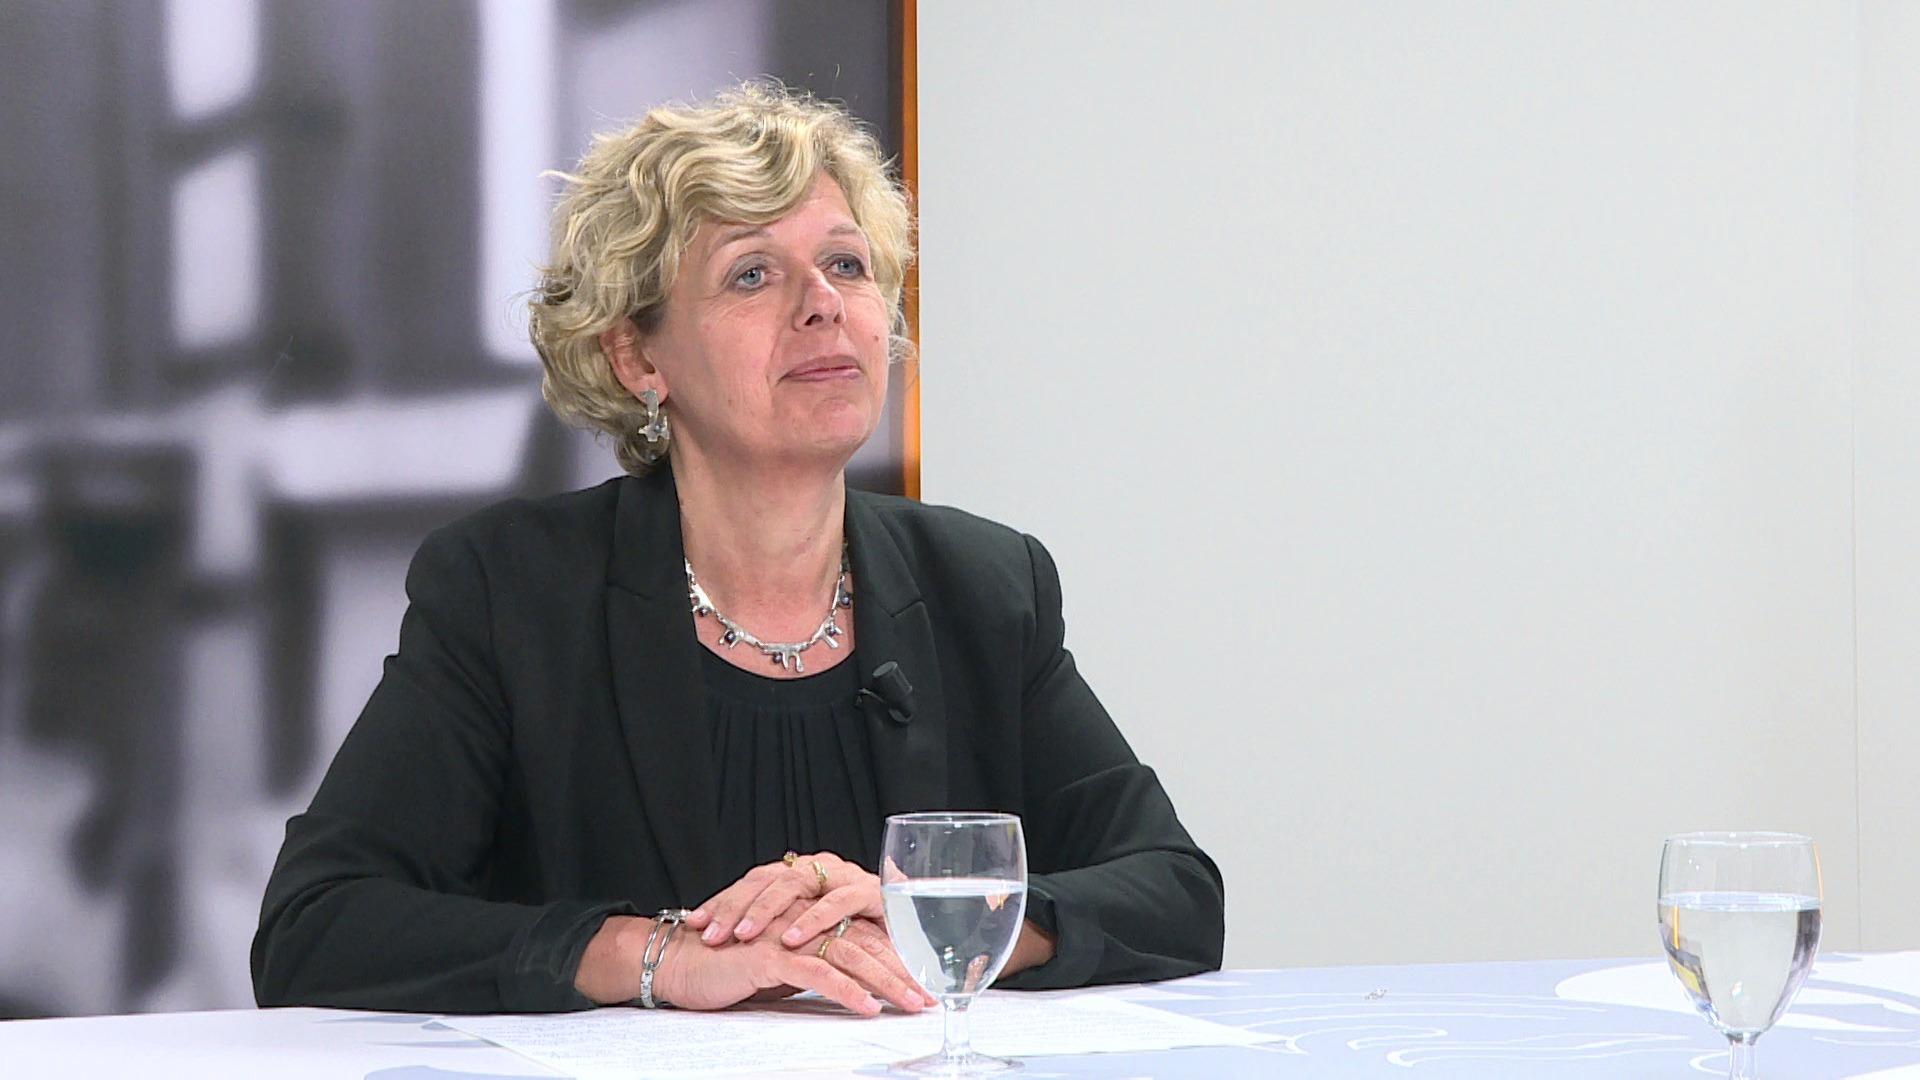 Studio Commissie: Katrien Schryvers over plaatsing van jongeren in internaten